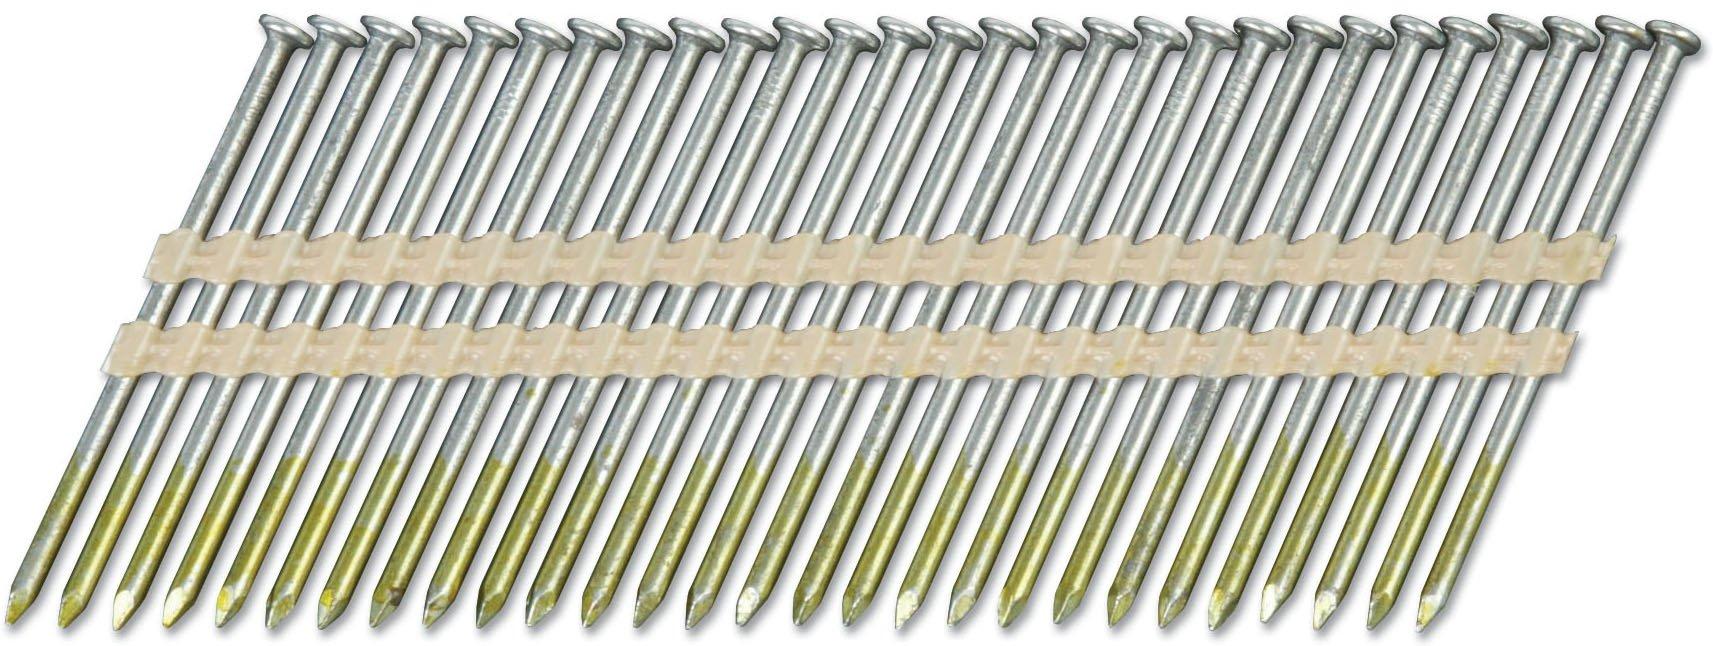 Hitachi 10111 3-1/4-Inch by 0.131 Smooth Framing Nail, 4000 per Box